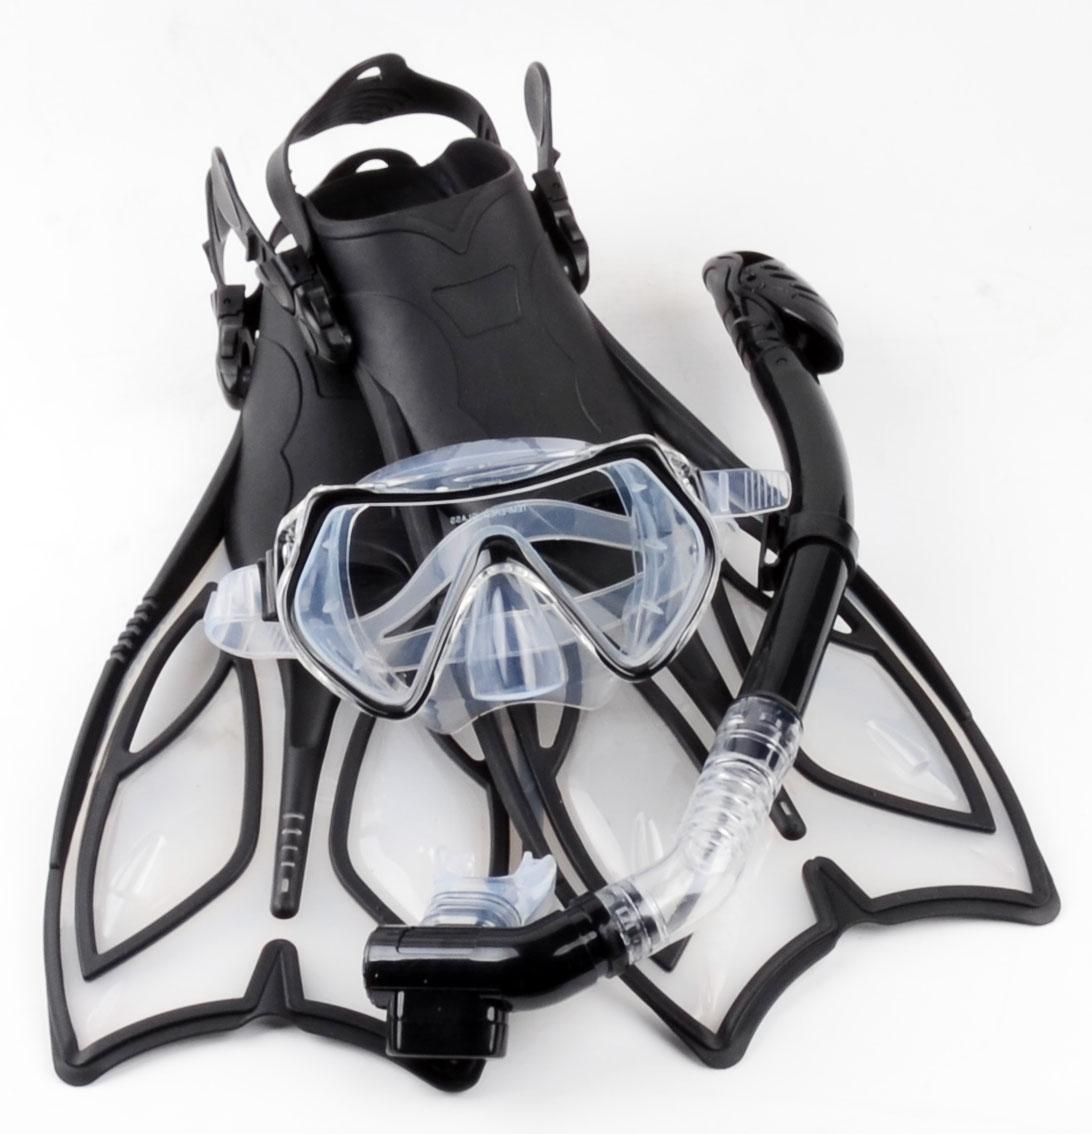 Лето волна ветер поплавок скрытая оборудование дайвинг самбо сухой стиль дыхательную трубку силиконовый близорукость погружной зеркало поплавок мелкий ласты